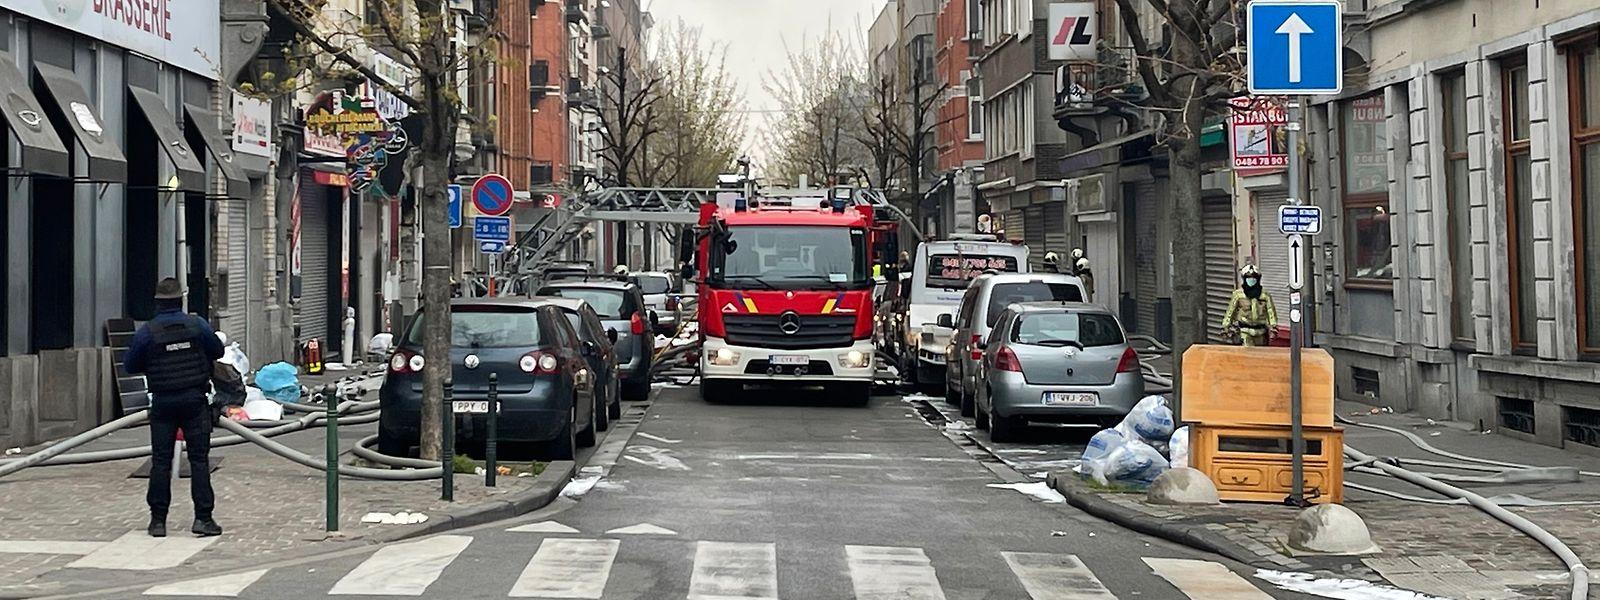 In der Nacht zum Montag sind mindestens 24 Menschen verletzt oder mit Rauchvergiftungen ins Krankenhaus gekommen, darunter vier Feuerwehrleute.